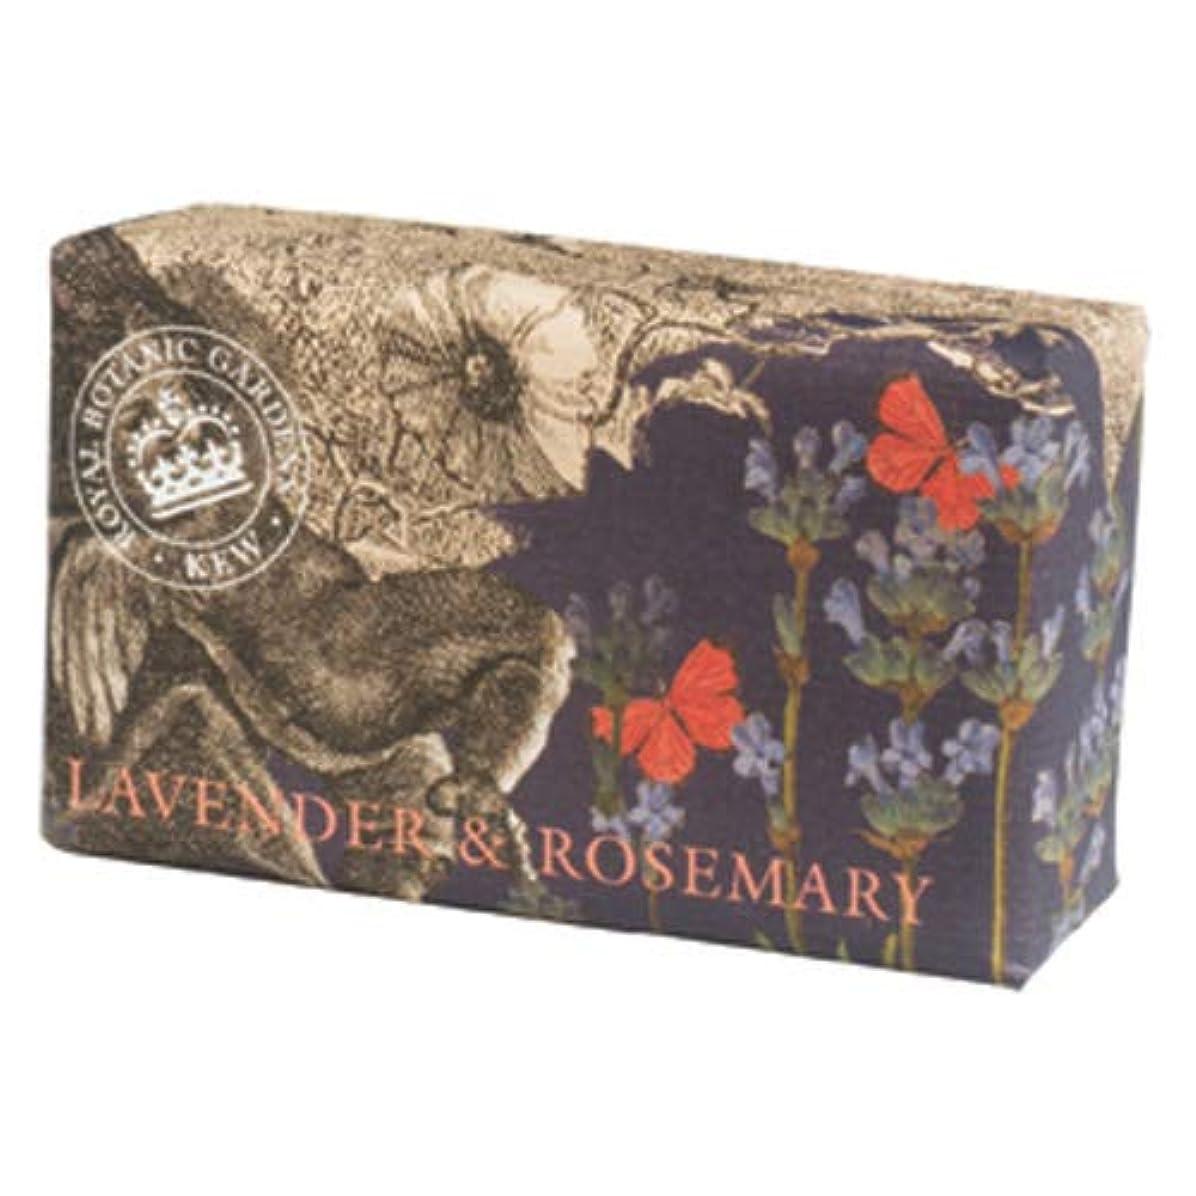 干渉するセラー権利を与えるEnglish Soap Company イングリッシュソープカンパニー KEW GARDEN キュー?ガーデン Luxury Shea Soaps シアソープ Lavender & Rosemary ラベンダー&ローズマリー